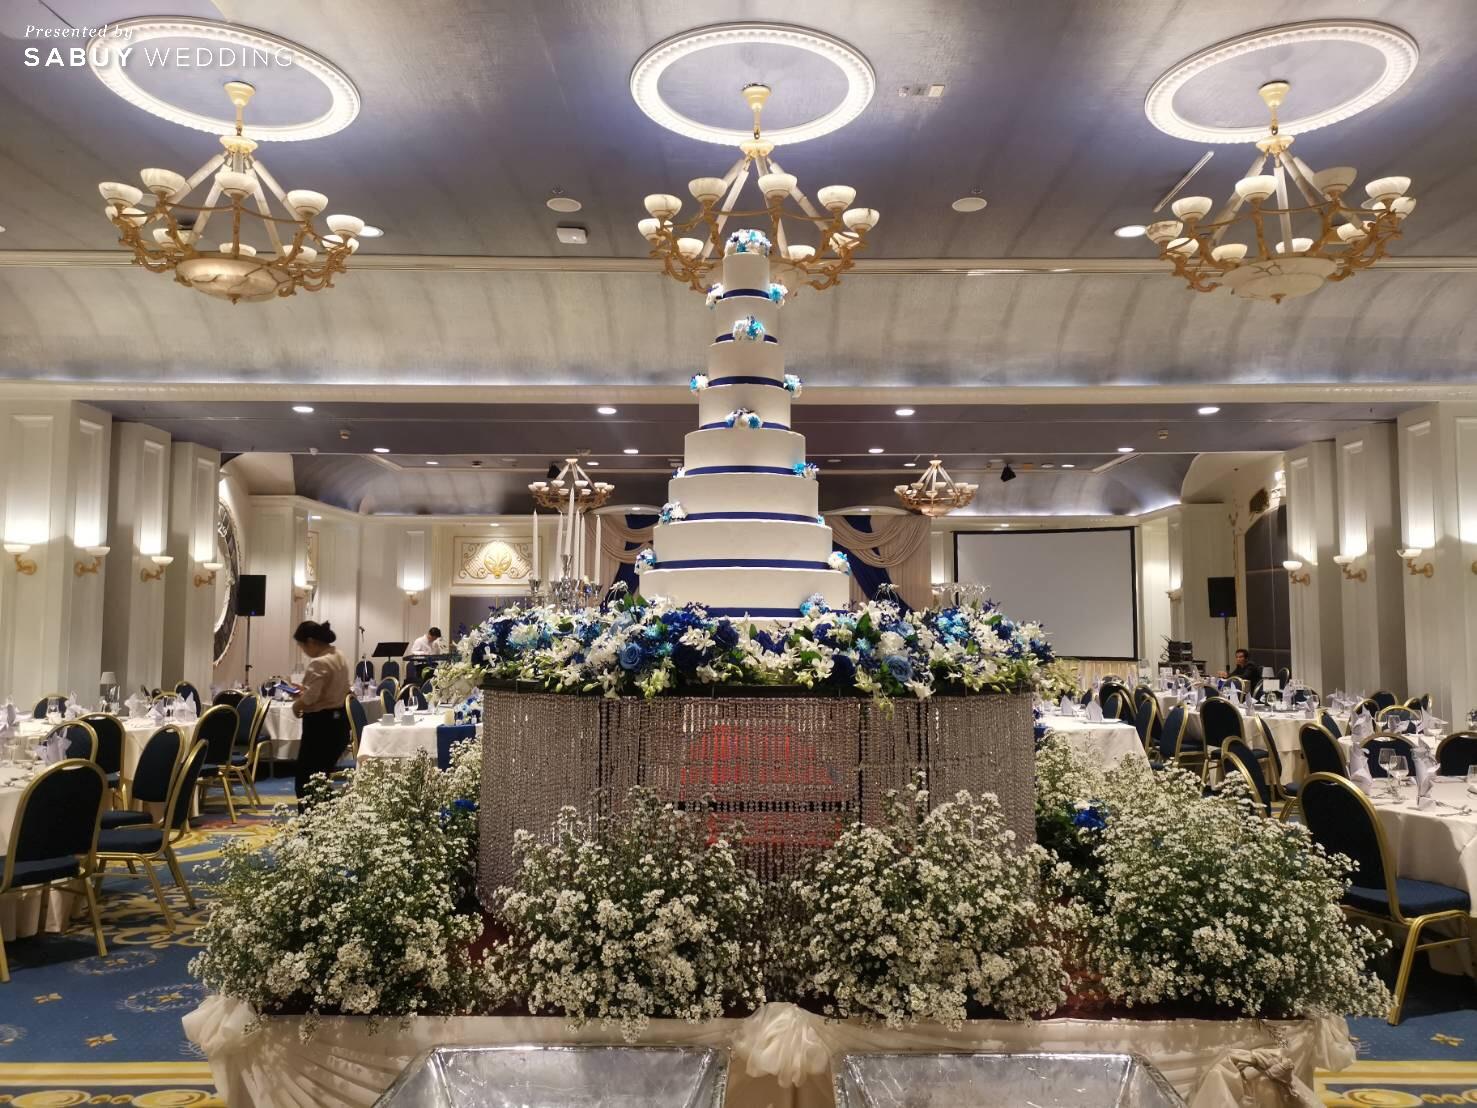 เค้กแต่งงาน รีวิวงานแต่งสองวัฒนธรรม สวยปัง ดูคลาสสิก @ Impact Muang Thong Thani